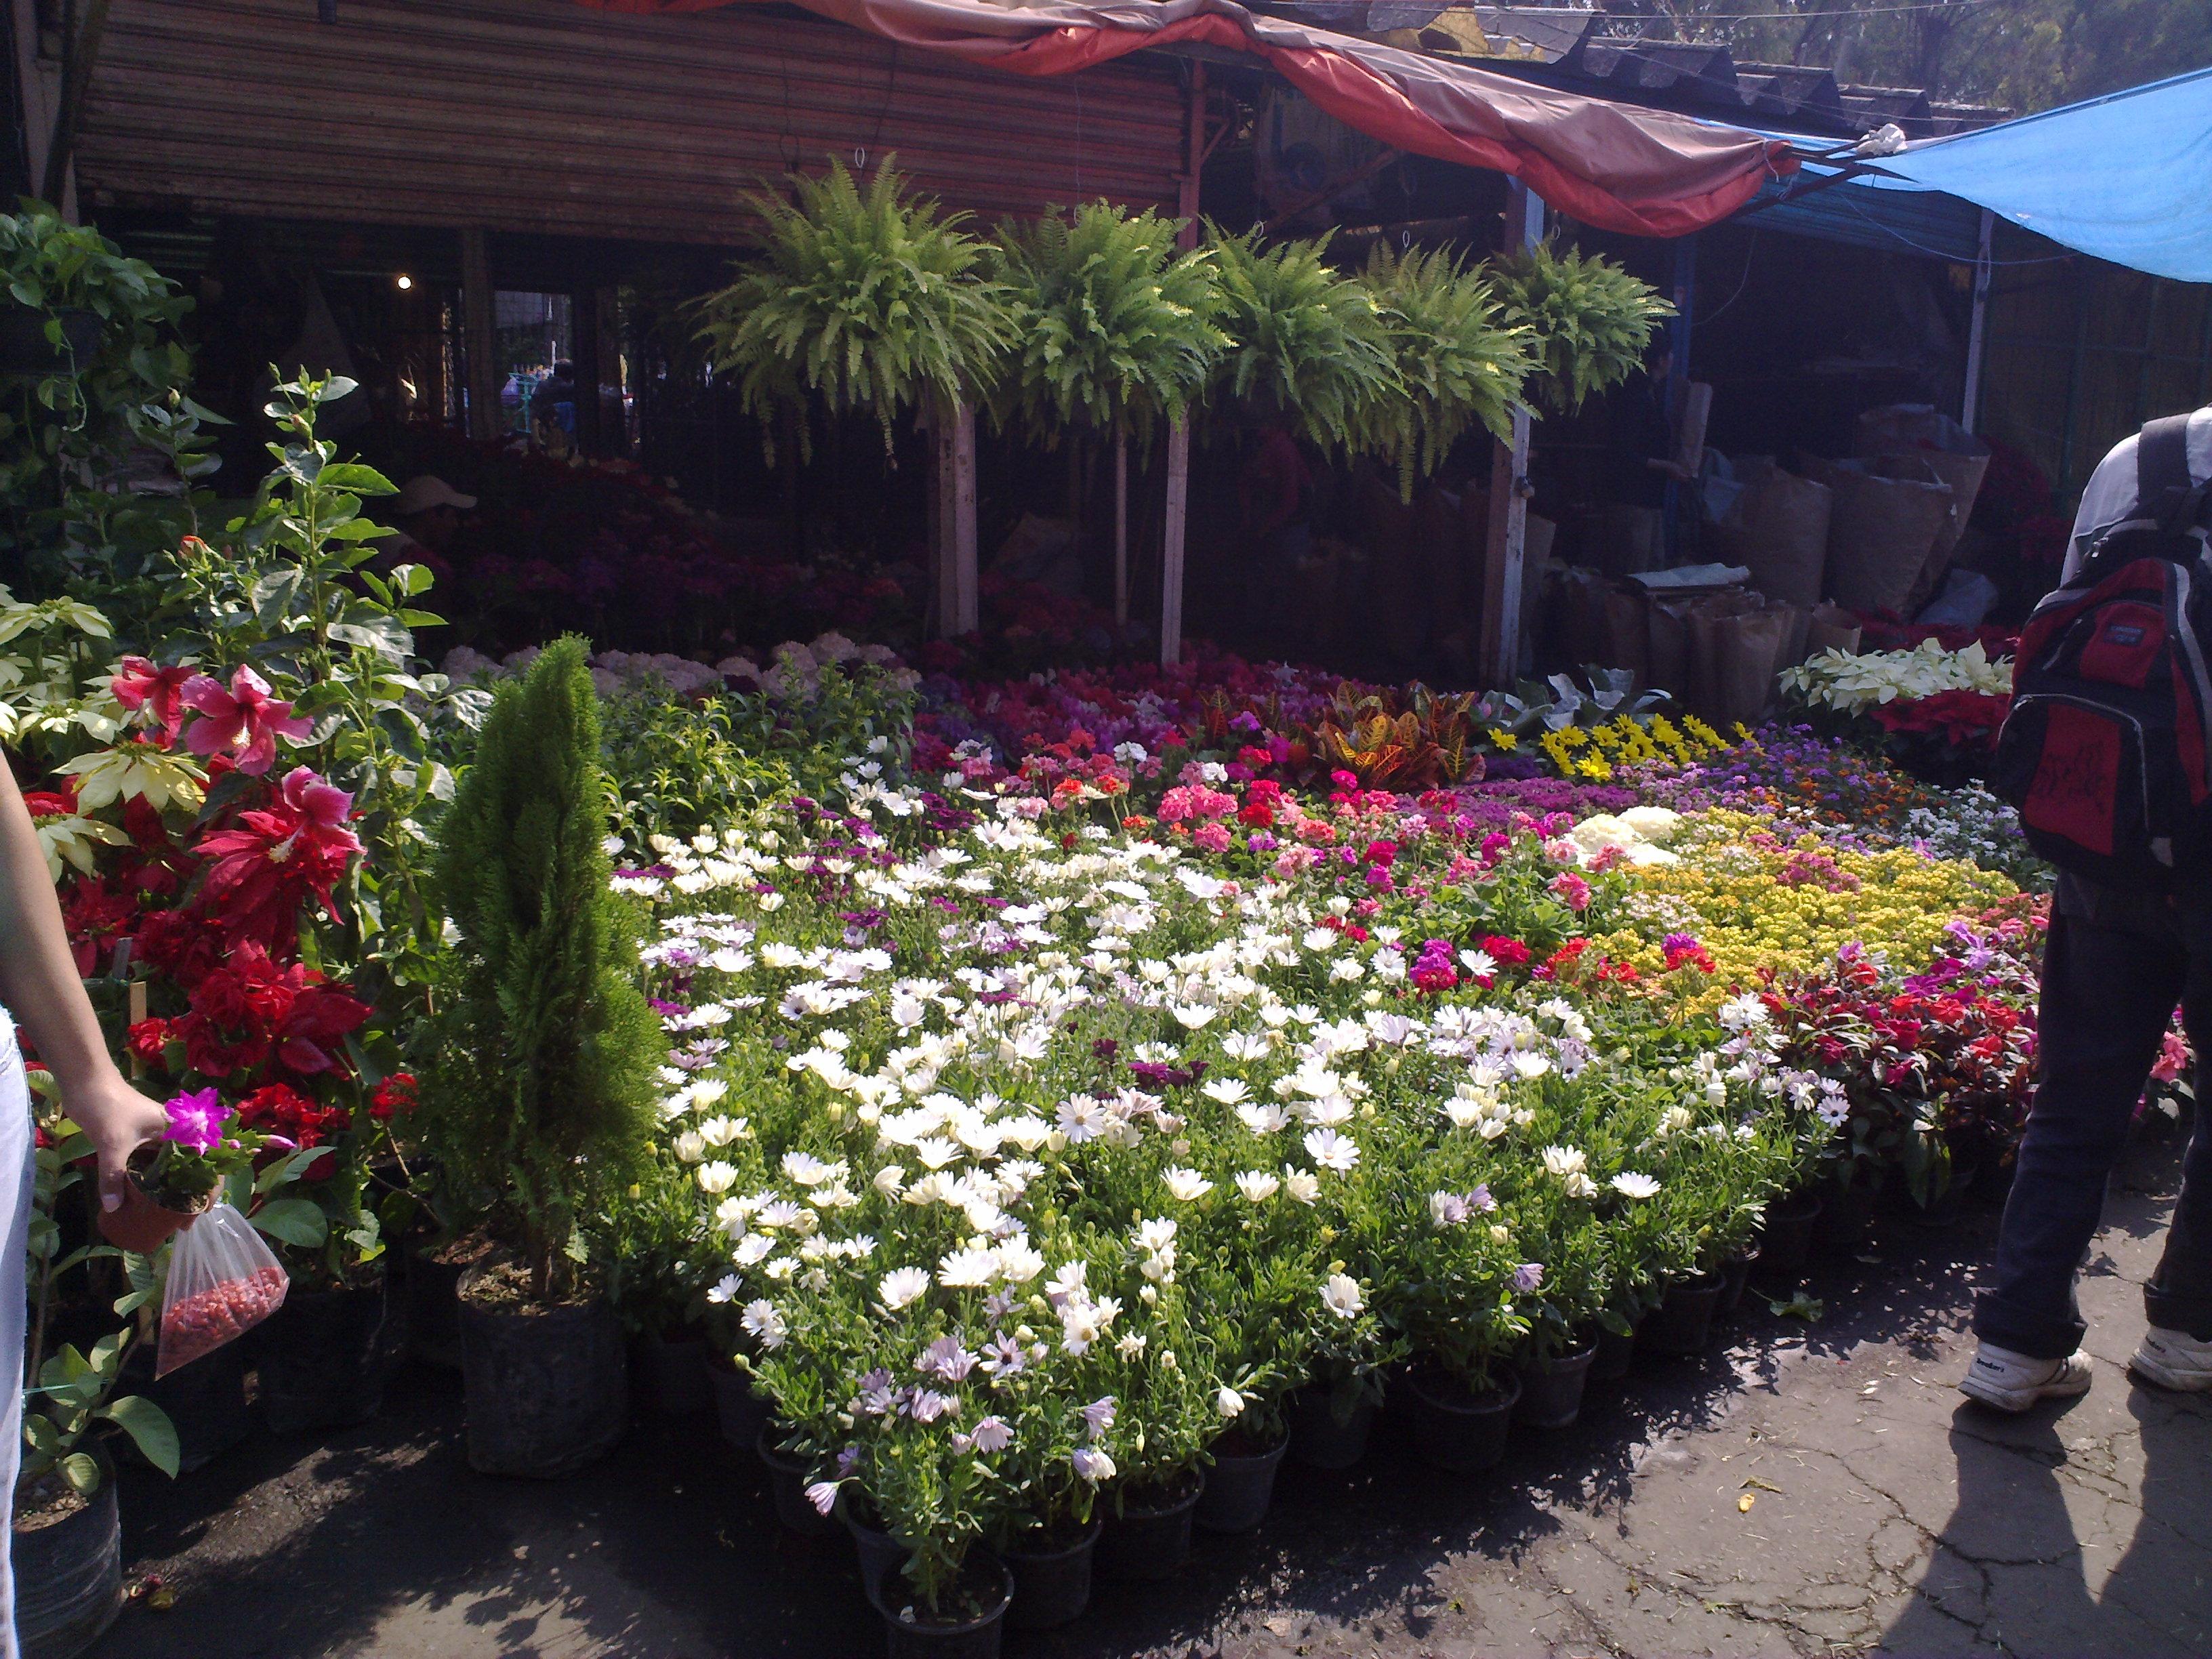 Plantas fotos with plantas fotos beautiful plantas fotos - Madreselva en maceta ...